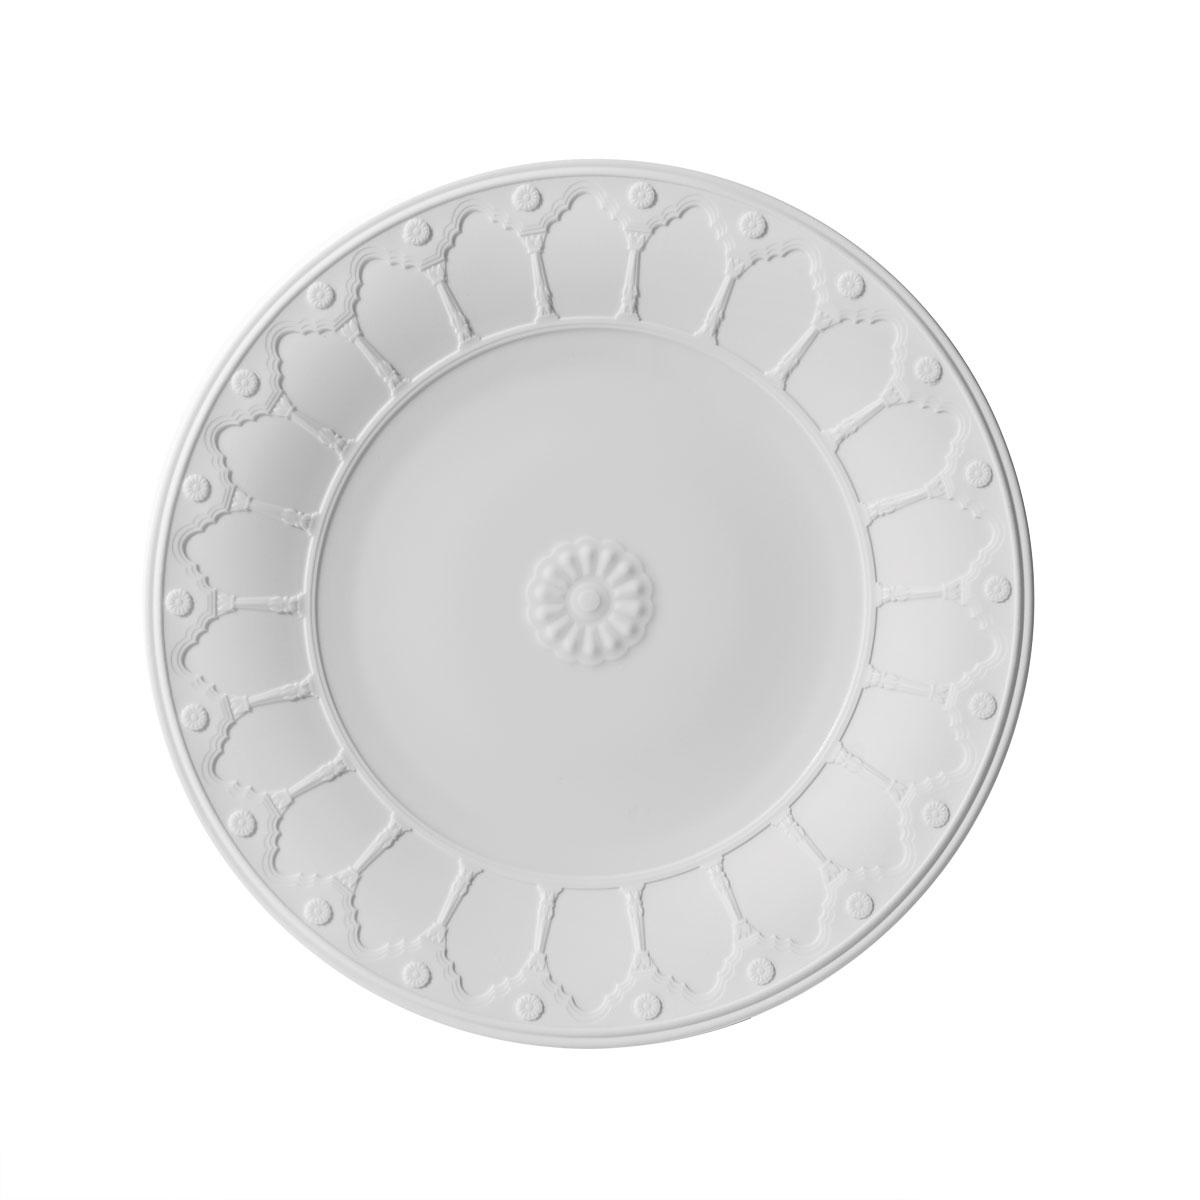 Michael Aram China Palace Salad Plate